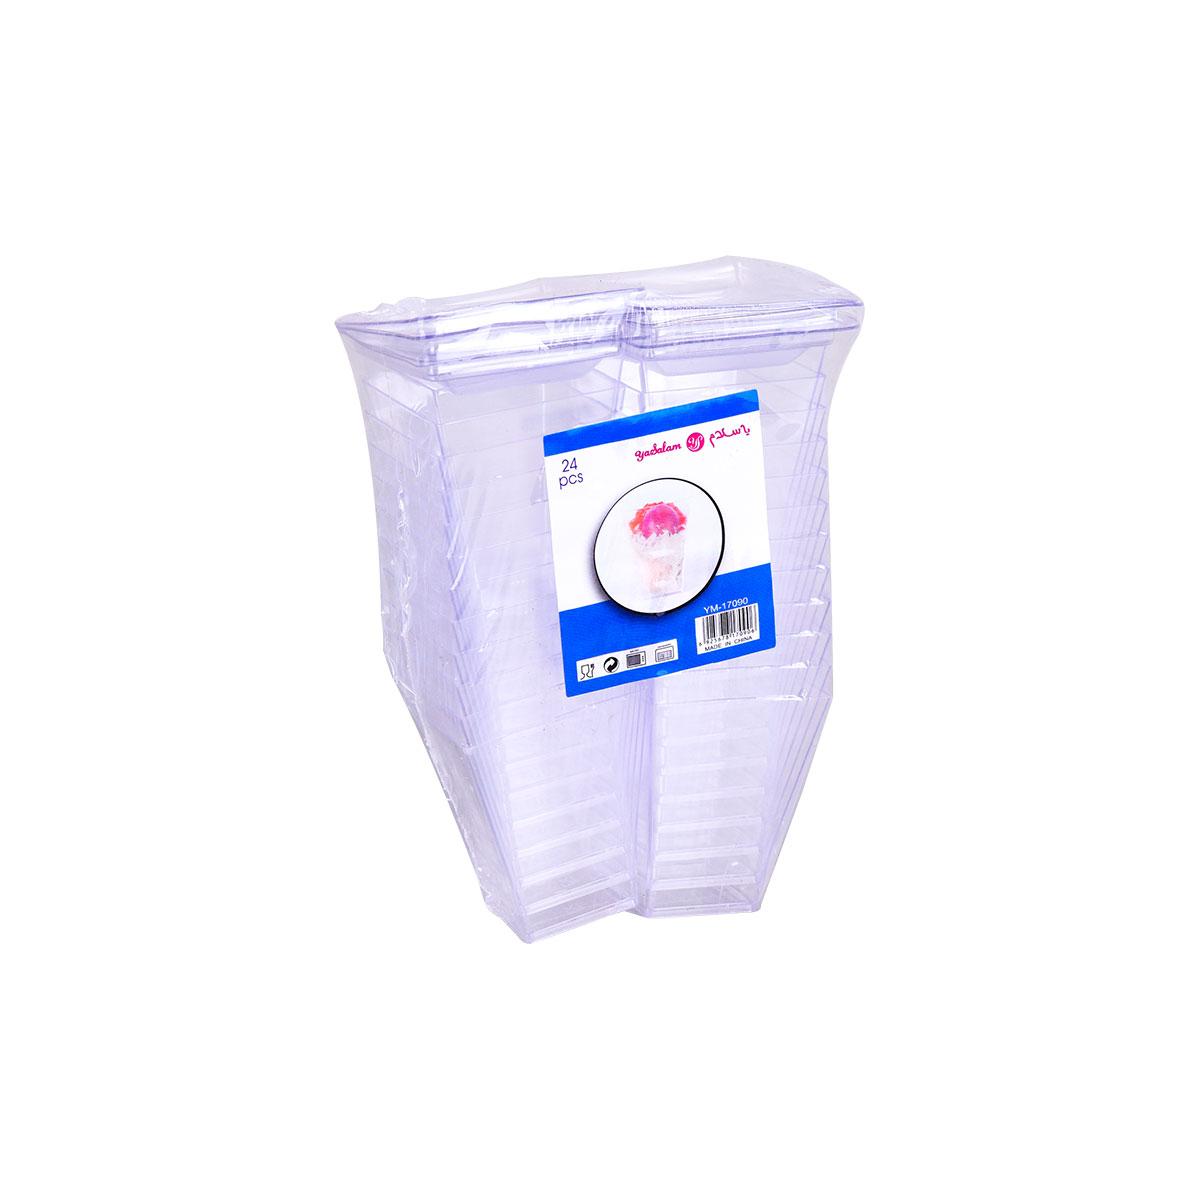 علب حلا شفاف 24 حبه  رقم YM-17090